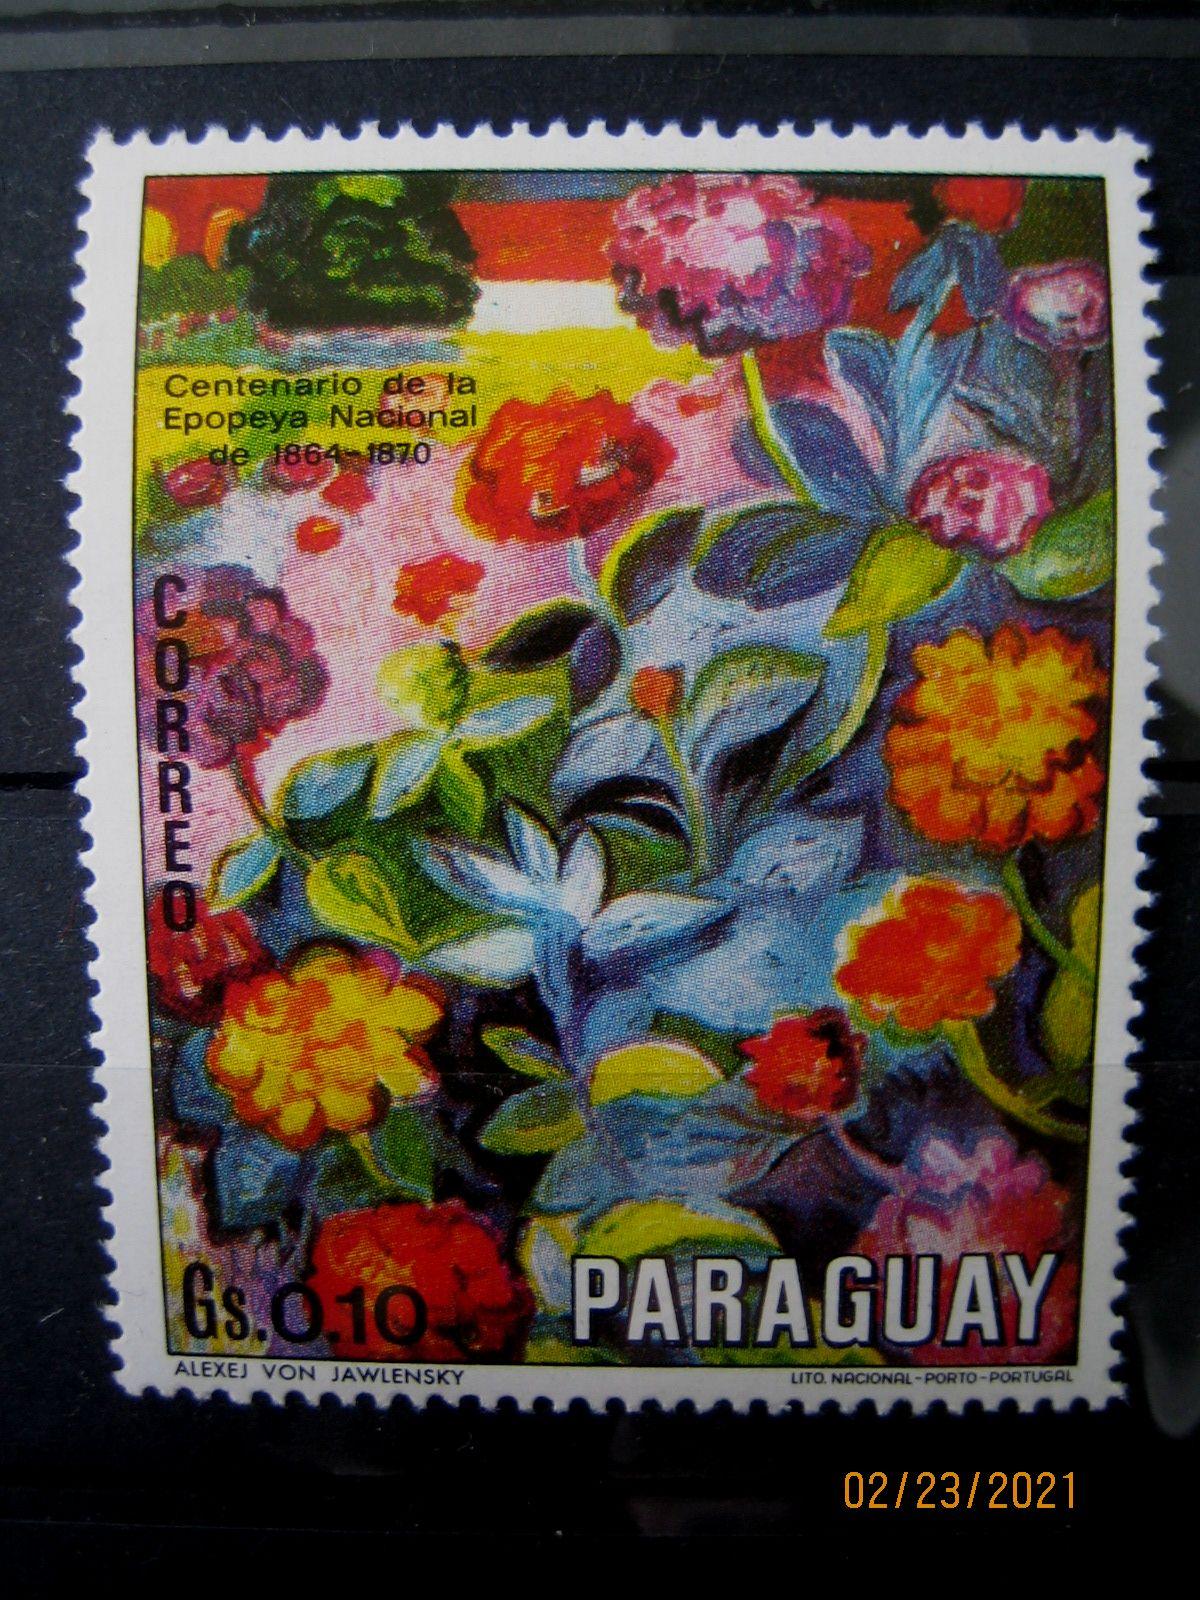 Марка Парагвай, 1970 г. Флора, 100-летие национального эпоса 1864-1870, на марке представлена Цветочная композиция; Алексей фон Явленский, Mi:PY 2092, Sn:PY 1299a, Yt:PY 1089, номинал — 0.10 Gs (гурани)